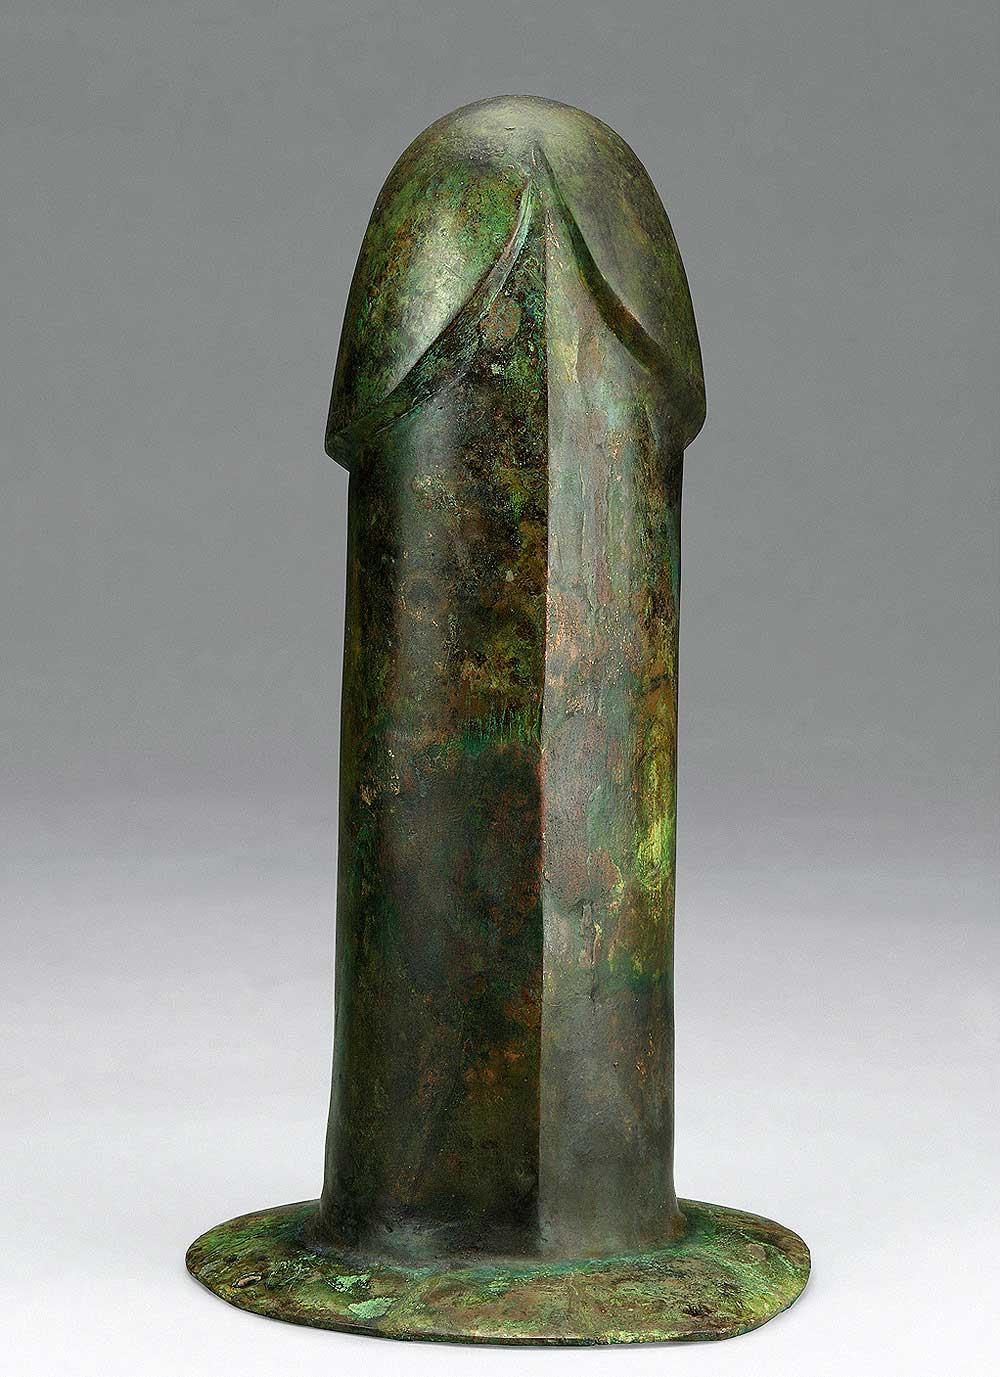 Phallus, Western Han period (206 BCE–9 CE), 2nd century BCE. Unearthed from Tomb 1, Dayun Mountain, Xuyi, Jiangsu. Bronze. Nanjing Museum. Photograph © Nanjing Museum.